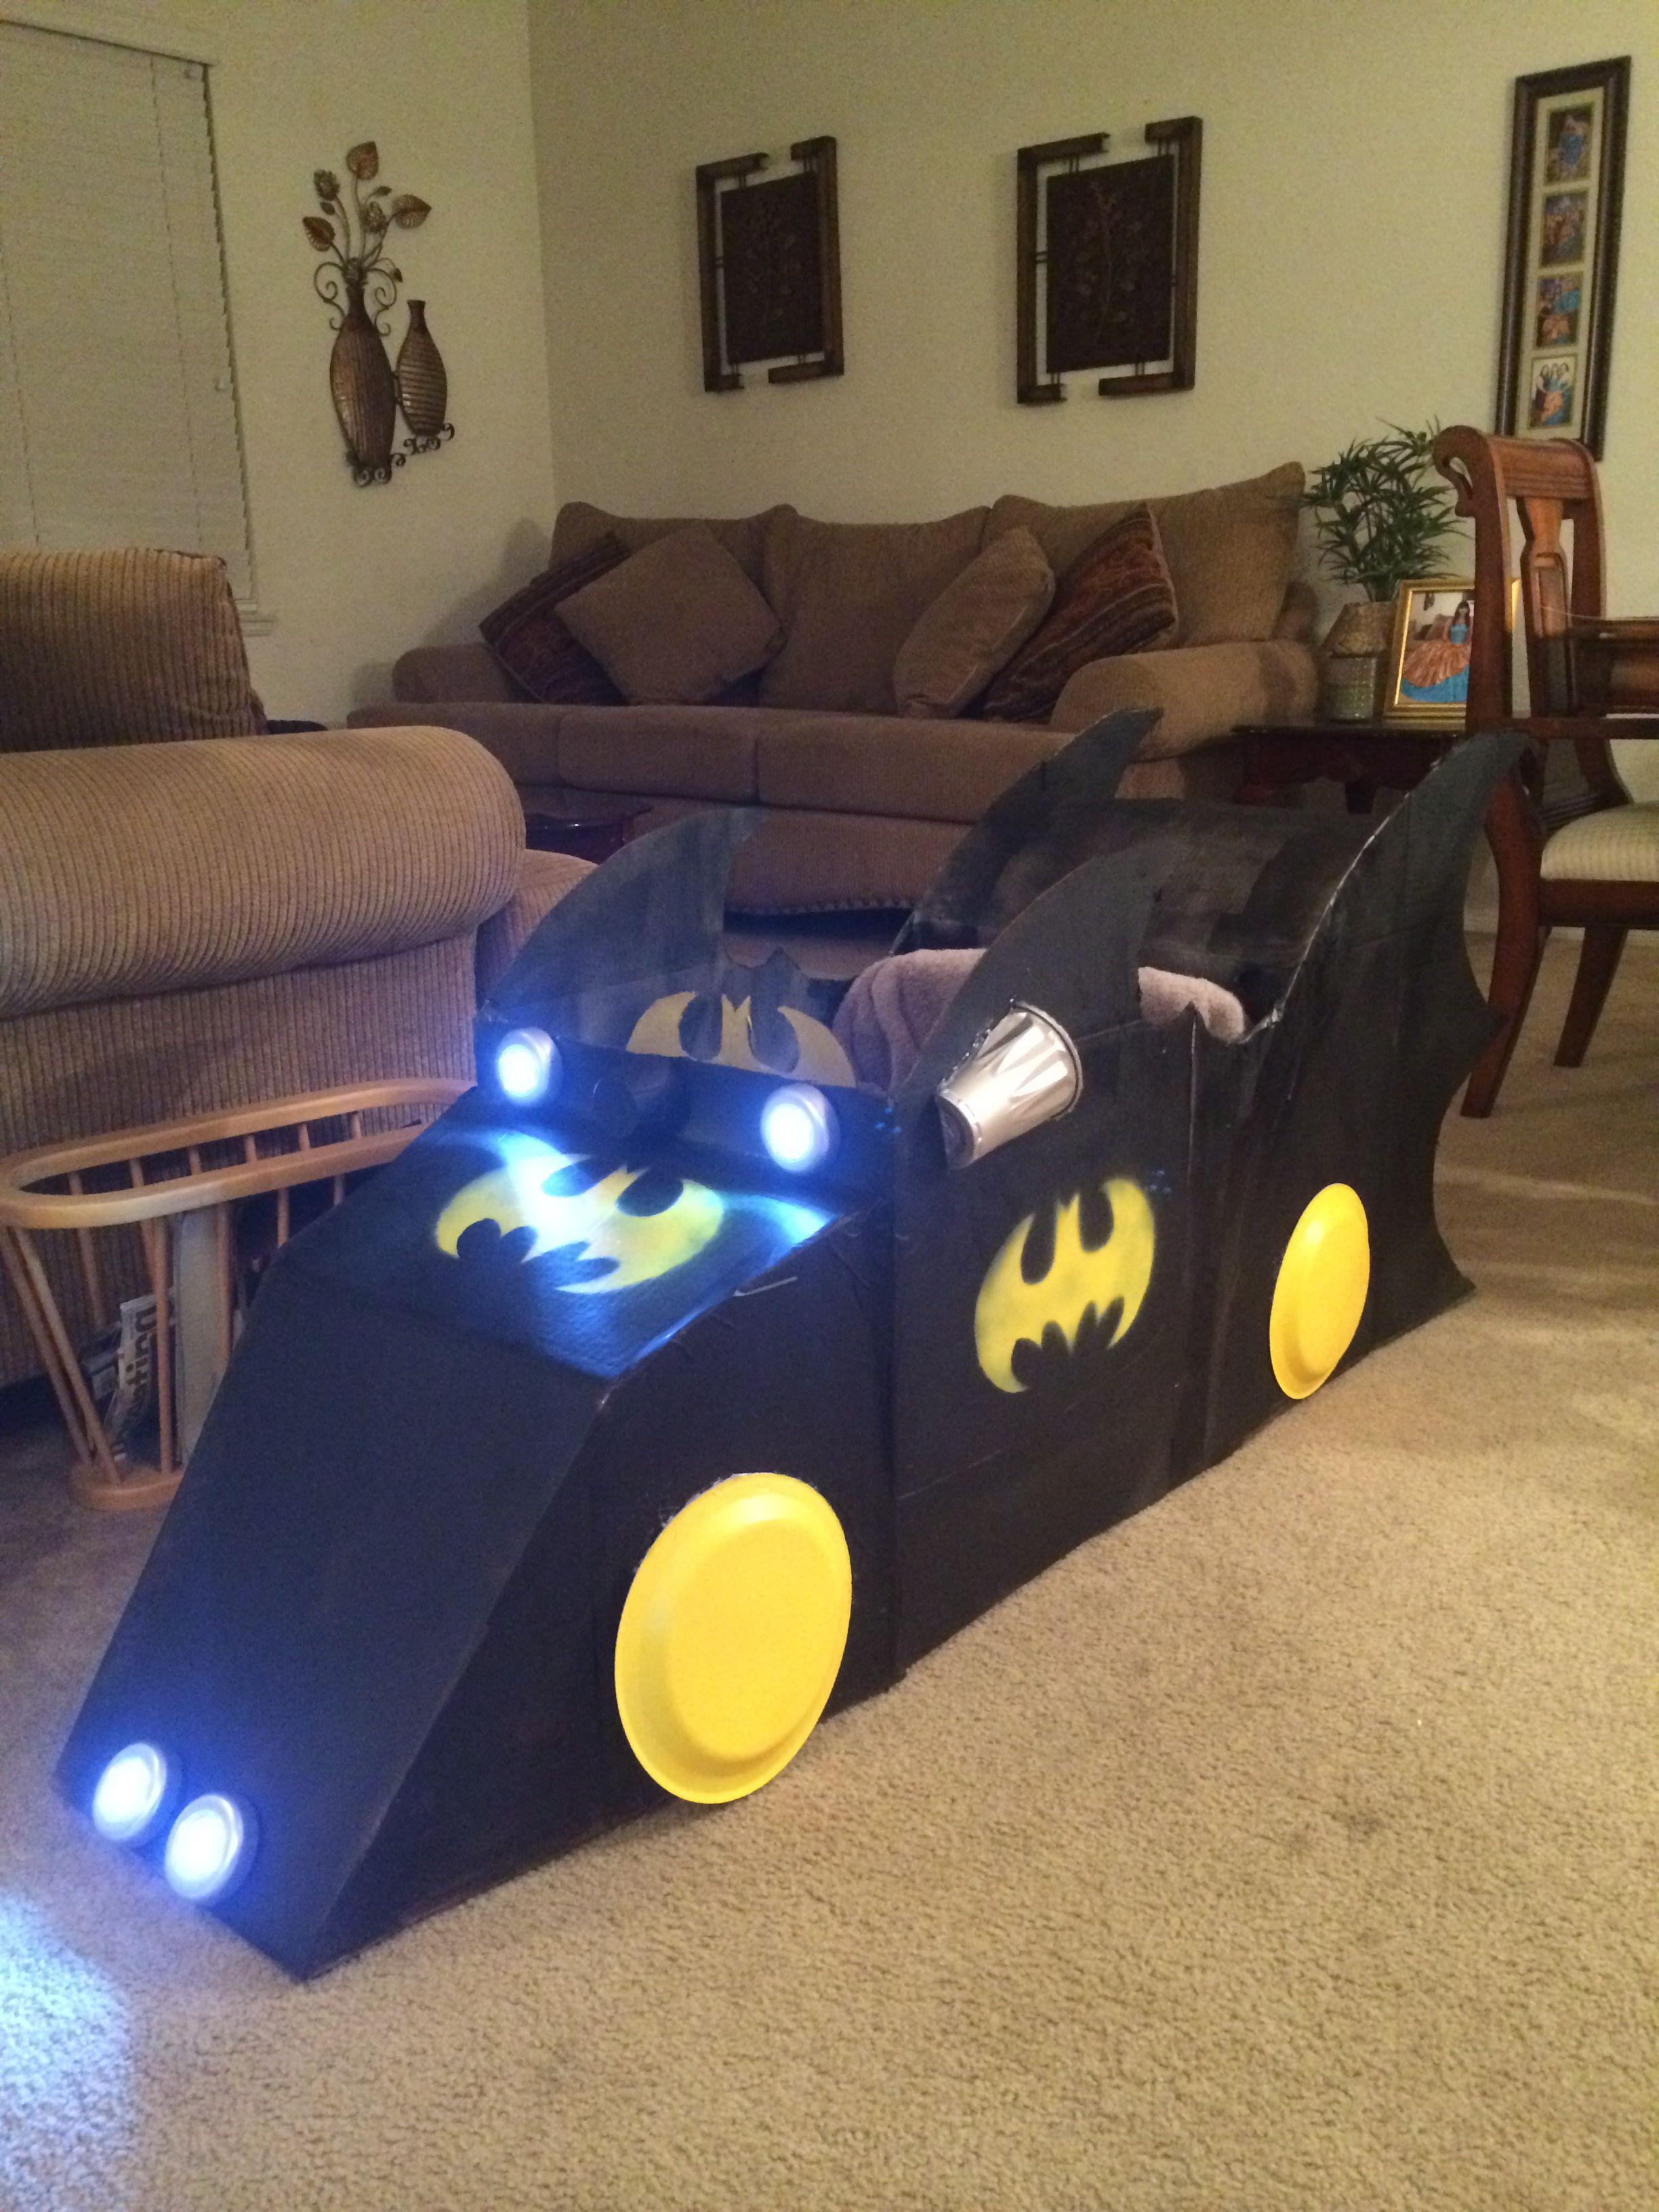 Batmobile, Yes The Steering Wheel